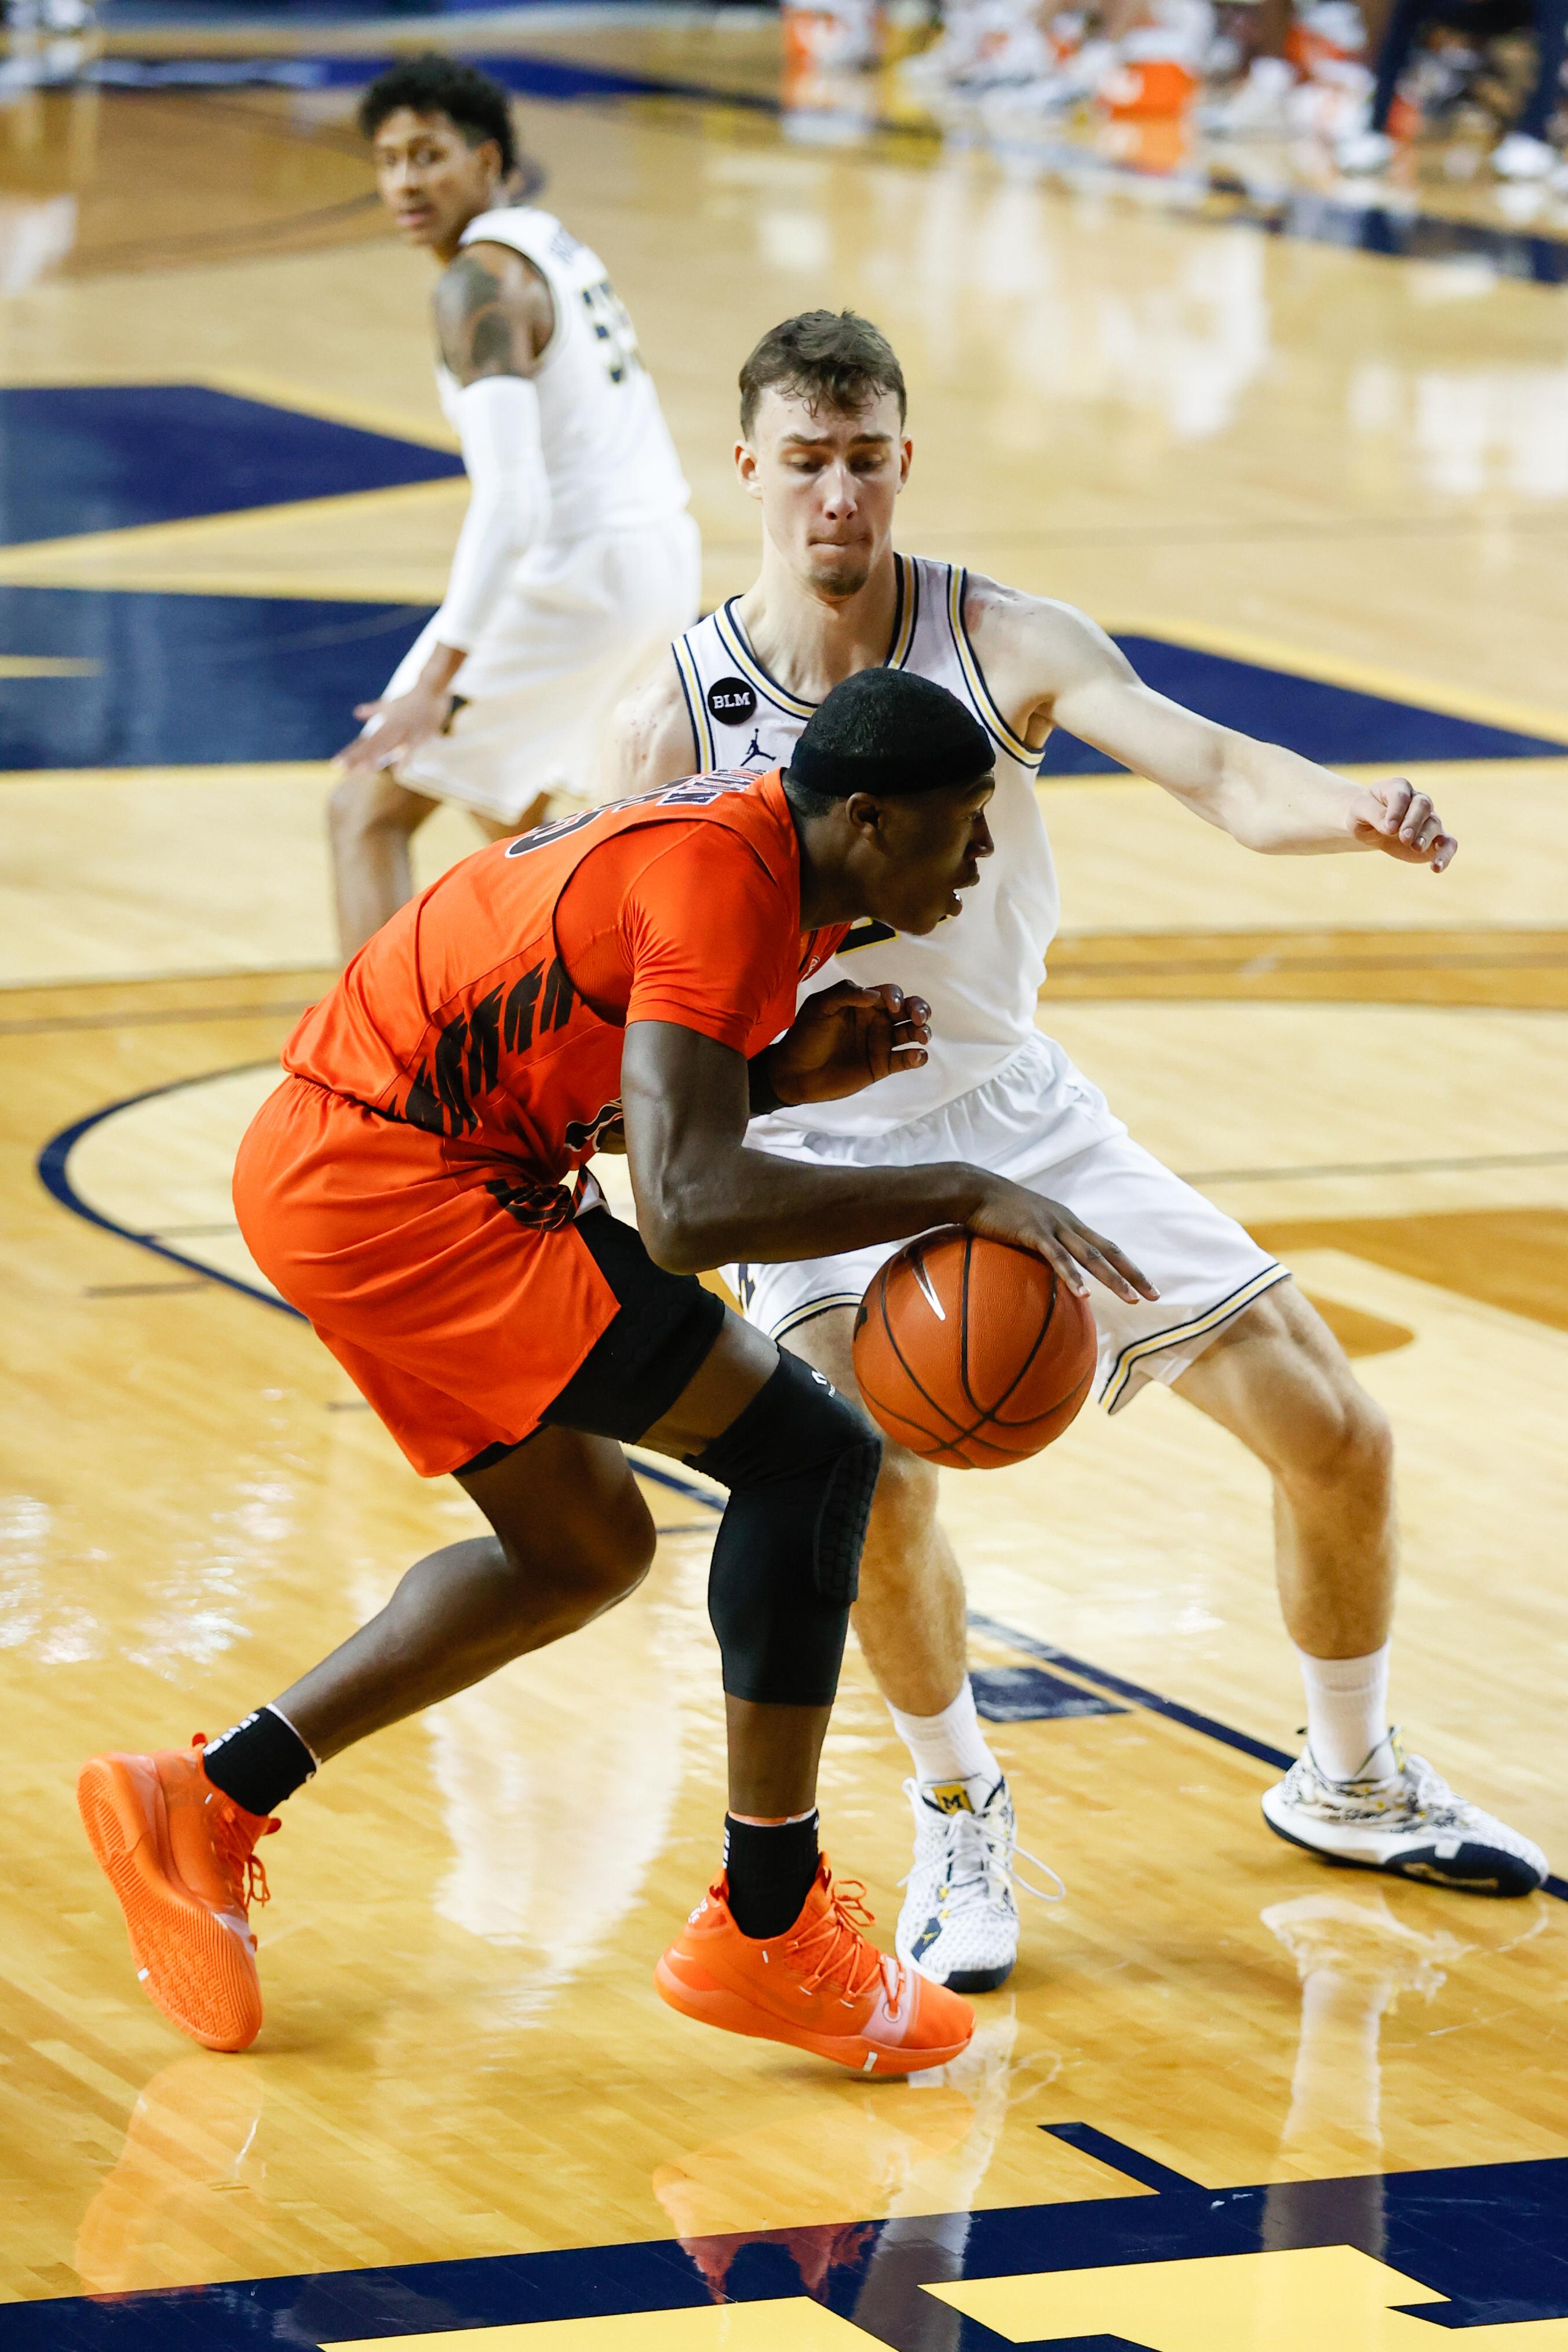 NCAA Basketball: Bowling Green at Michigan